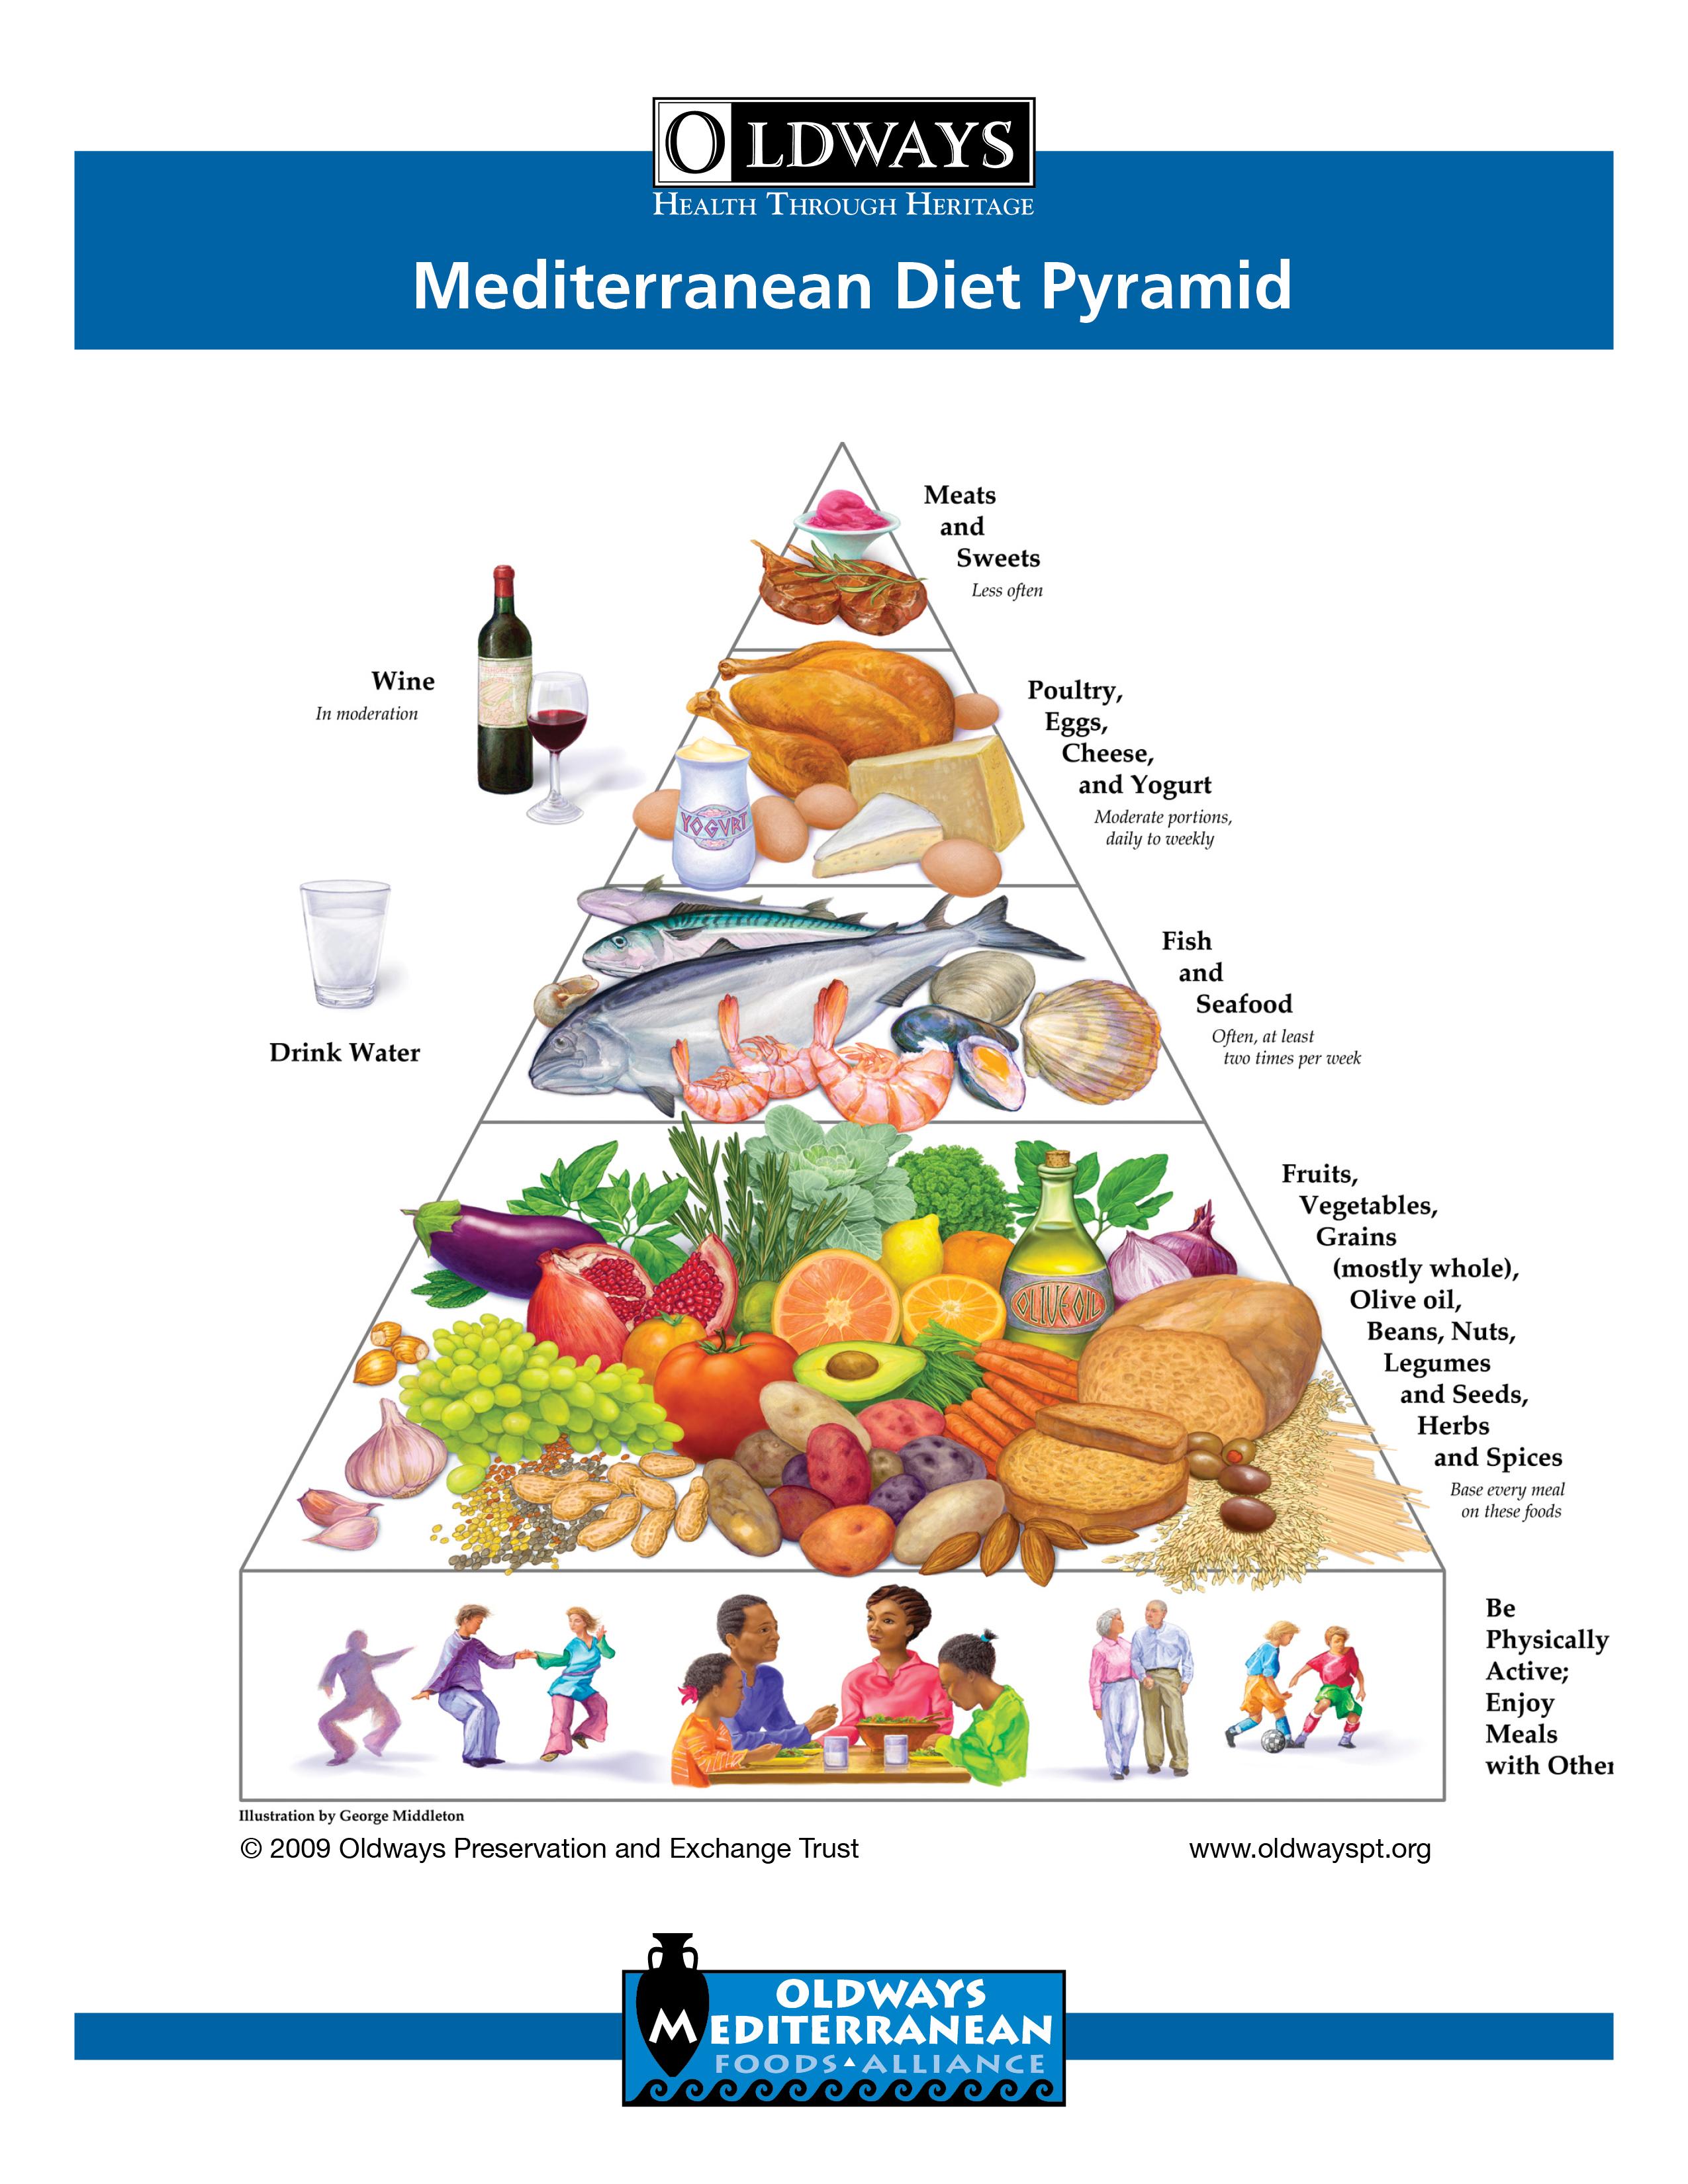 Средиземноморская диета: меню на неделю, рецепты на каждый день для похудения, отзывы, список продуктов для блюд